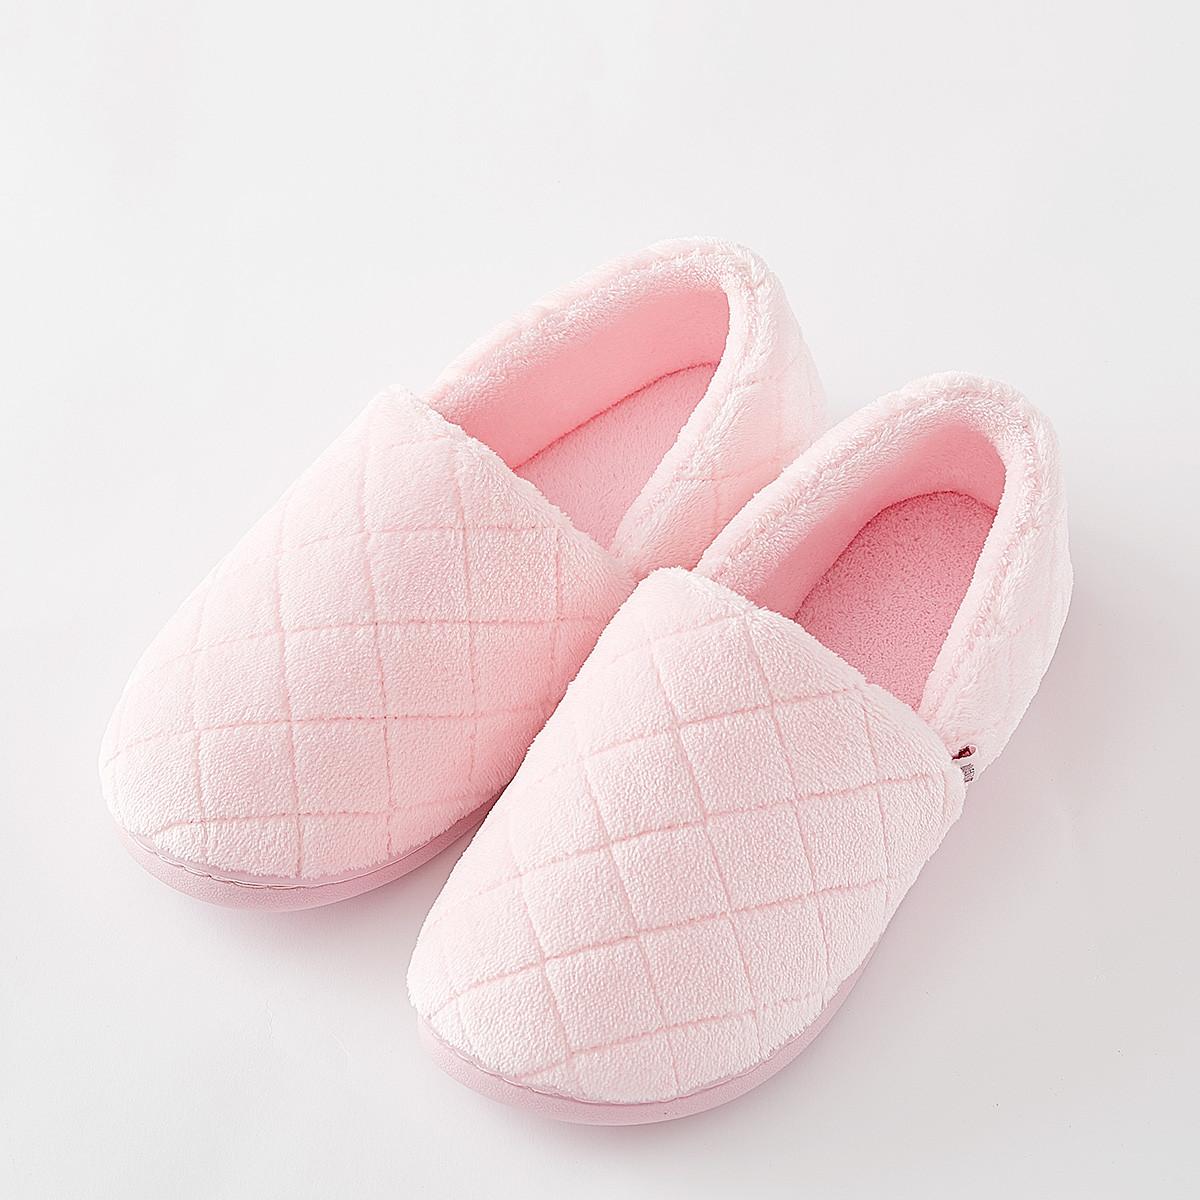 琳达妈咪 月子鞋夏春季产后孕妇拖鞋软底包跟防滑室内产妇鞋厚底夏天鞋子